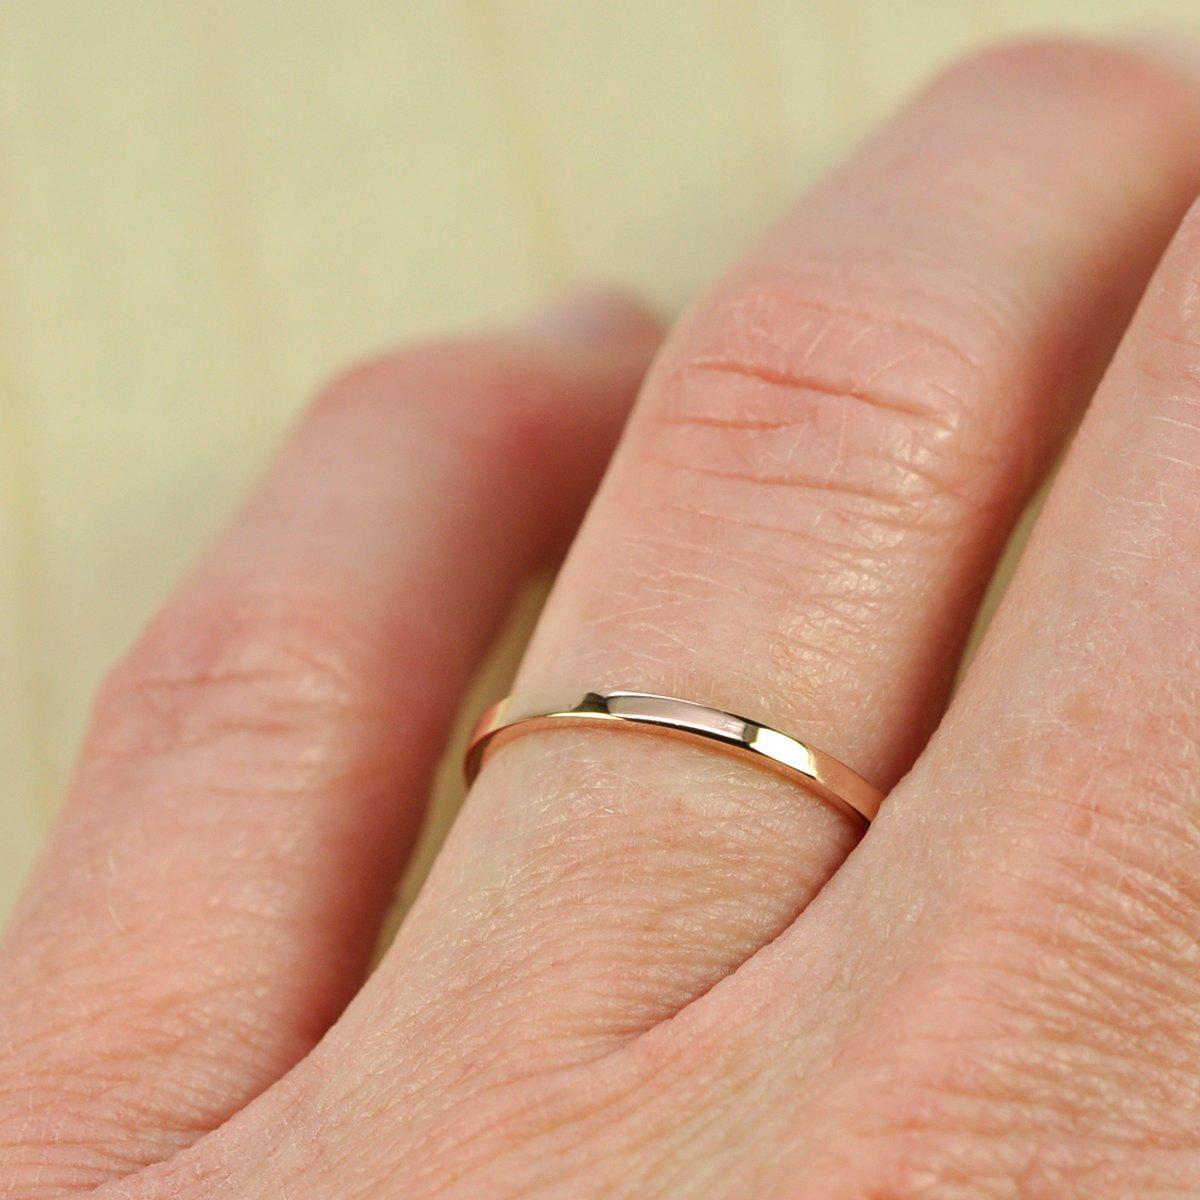 Women's Rose Gold Wedding Band, Skinny Stacking Ring 1.5mm